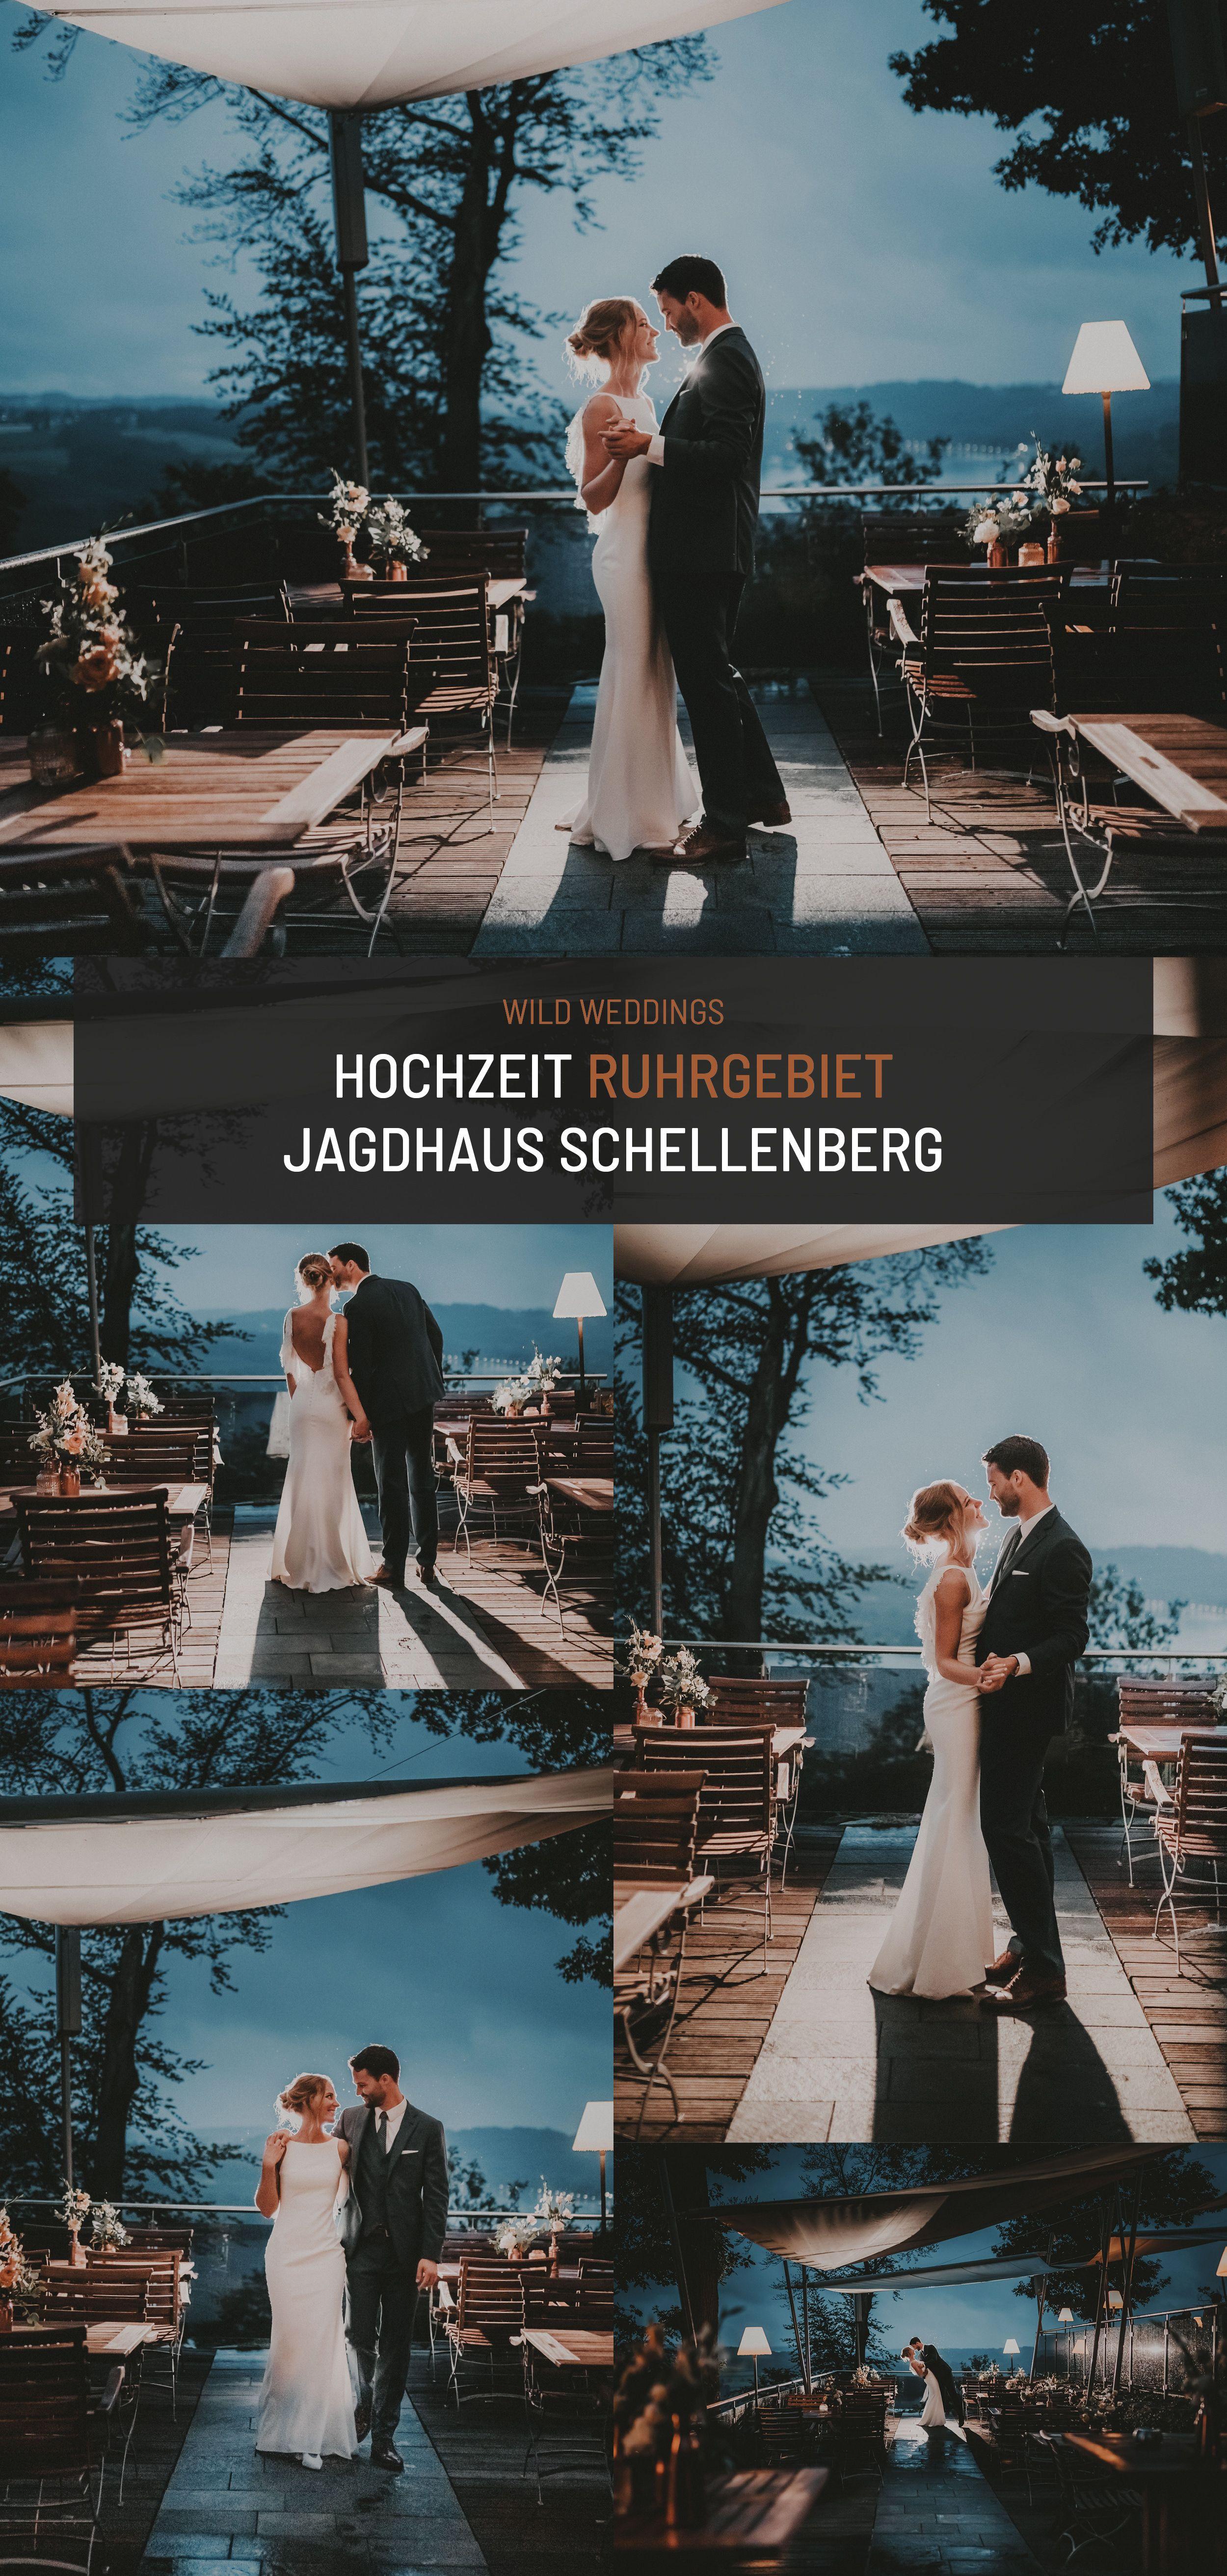 Hochzeit Jagdhaus Schellenberg Patrick Verena Jagd Hochzeit Ruhrgebiet